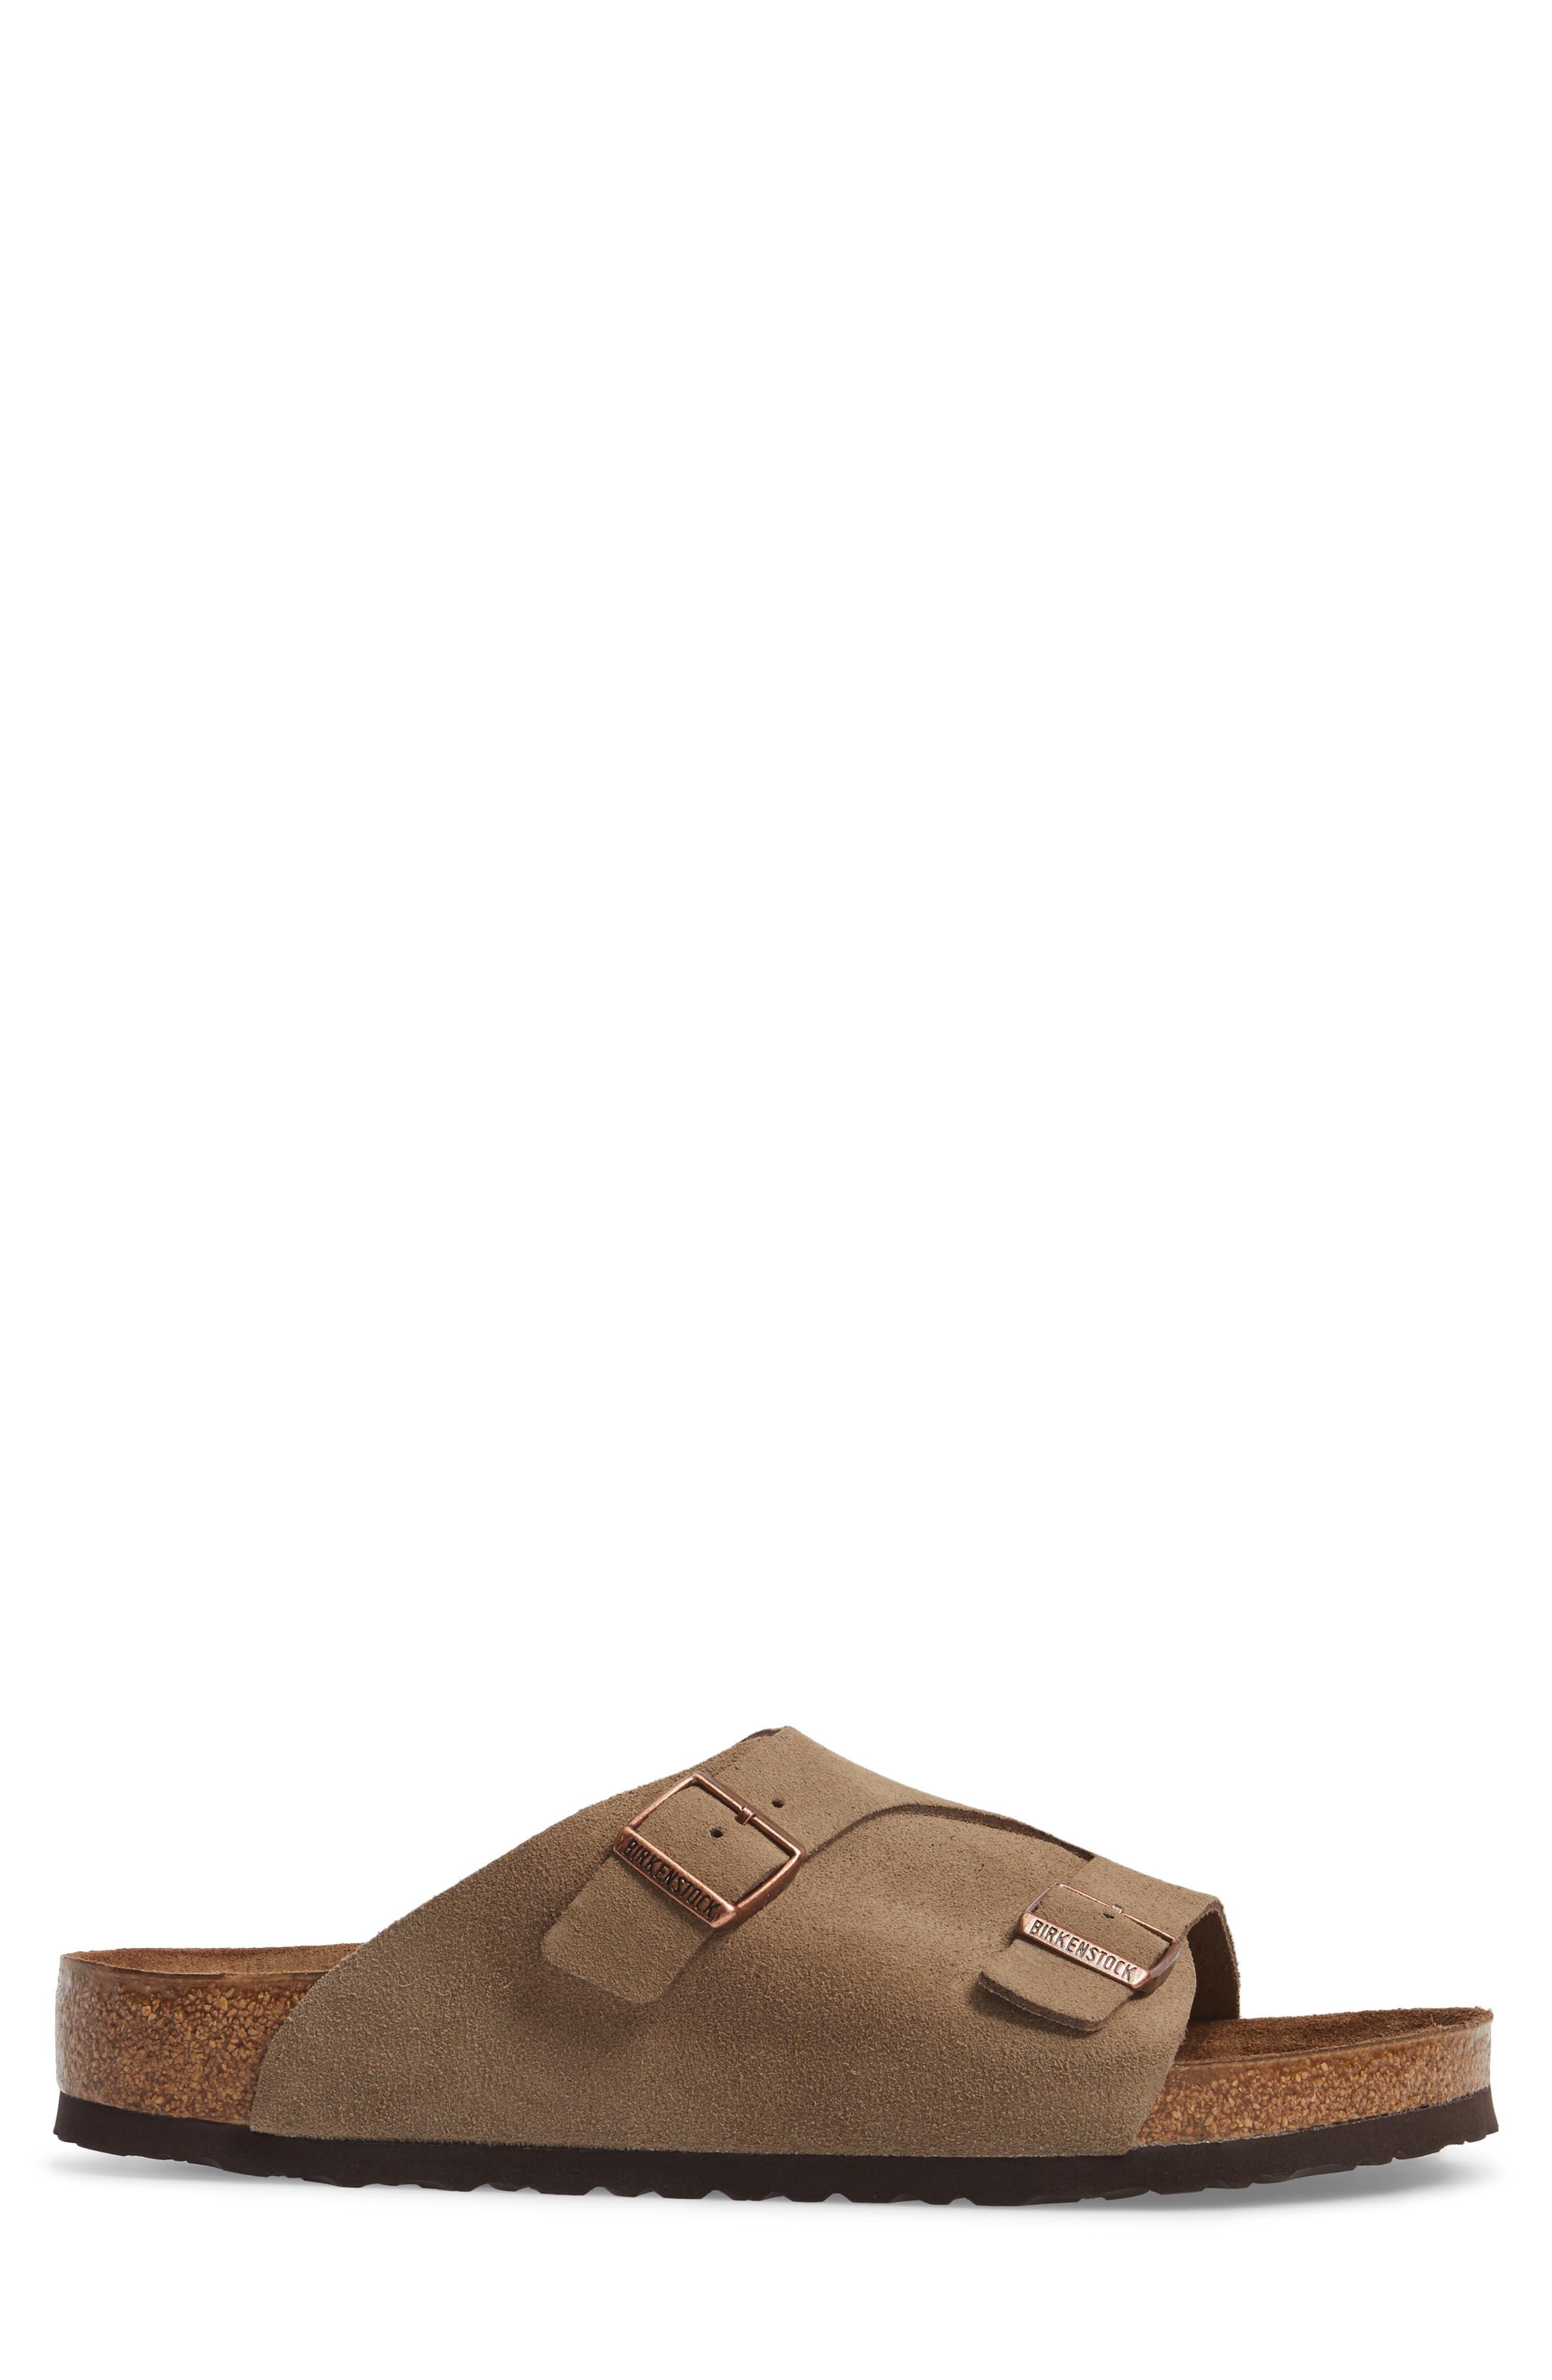 Alternate Image 3  - Birkenstock Zurich Slide Sandal (Men)